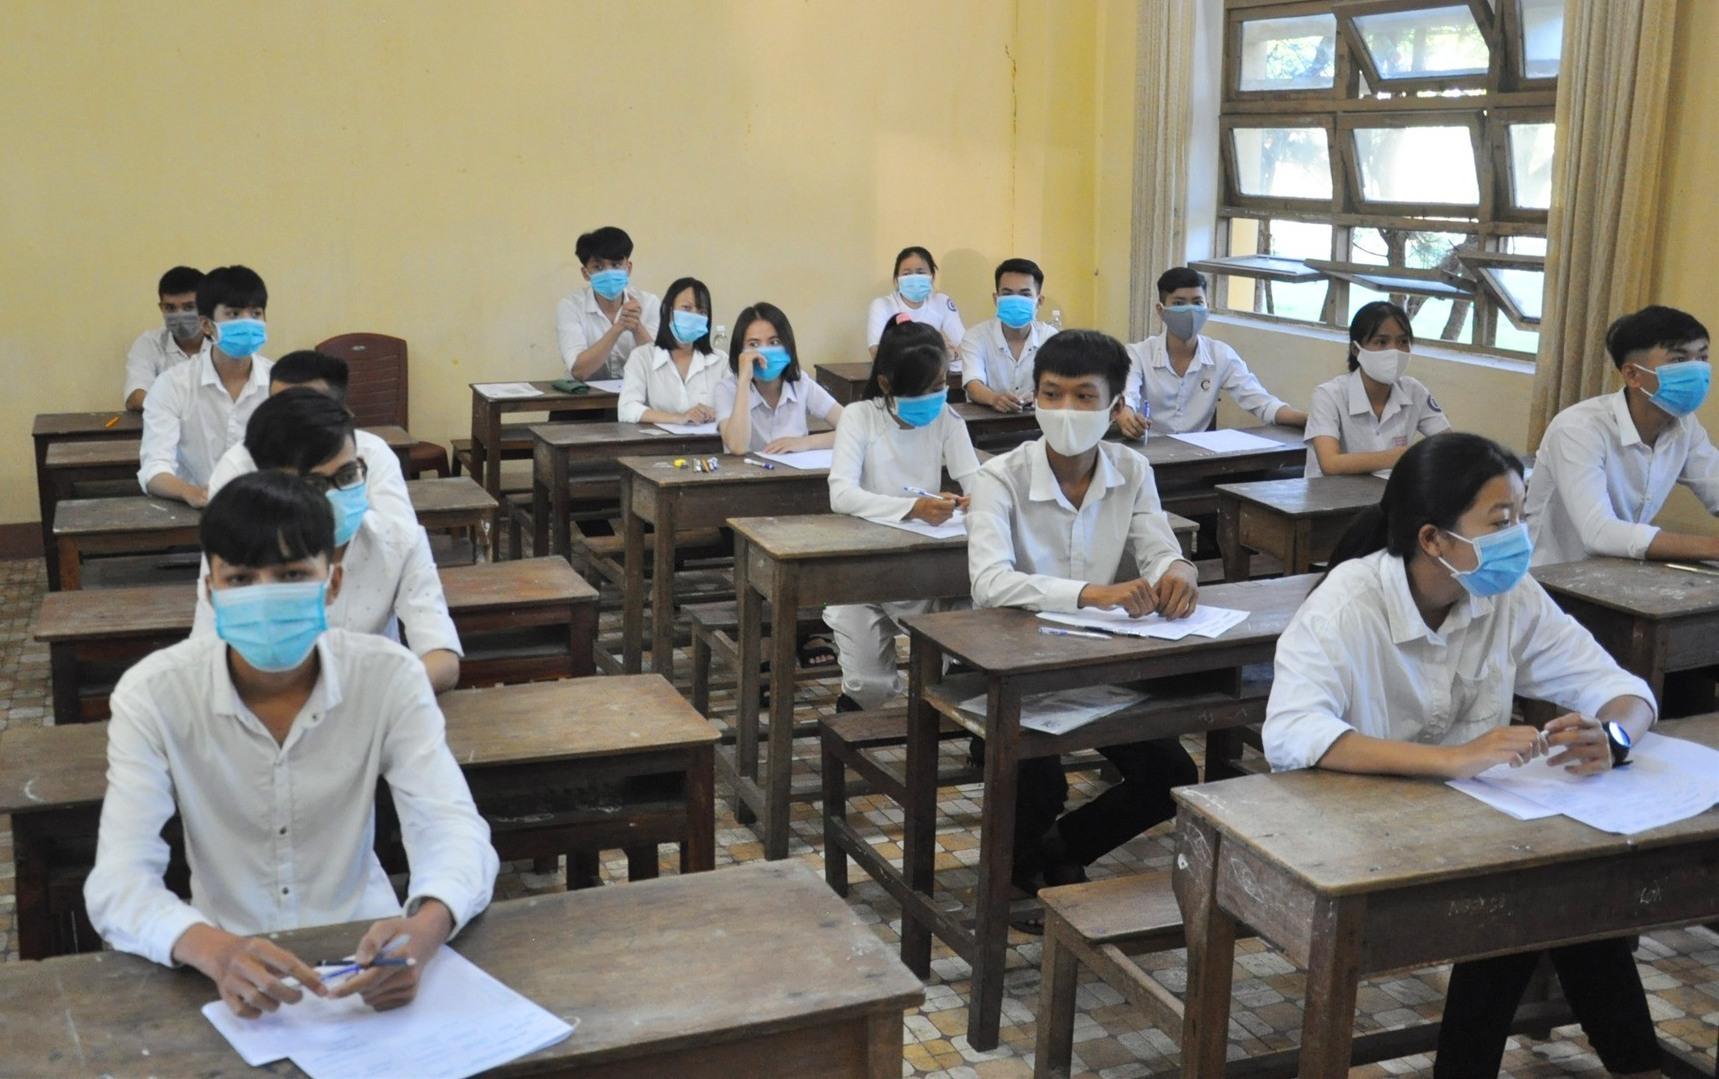 TS vào phòng thi chuẩn bị cho buổi thi đầu tiên. Ảnh: X.P